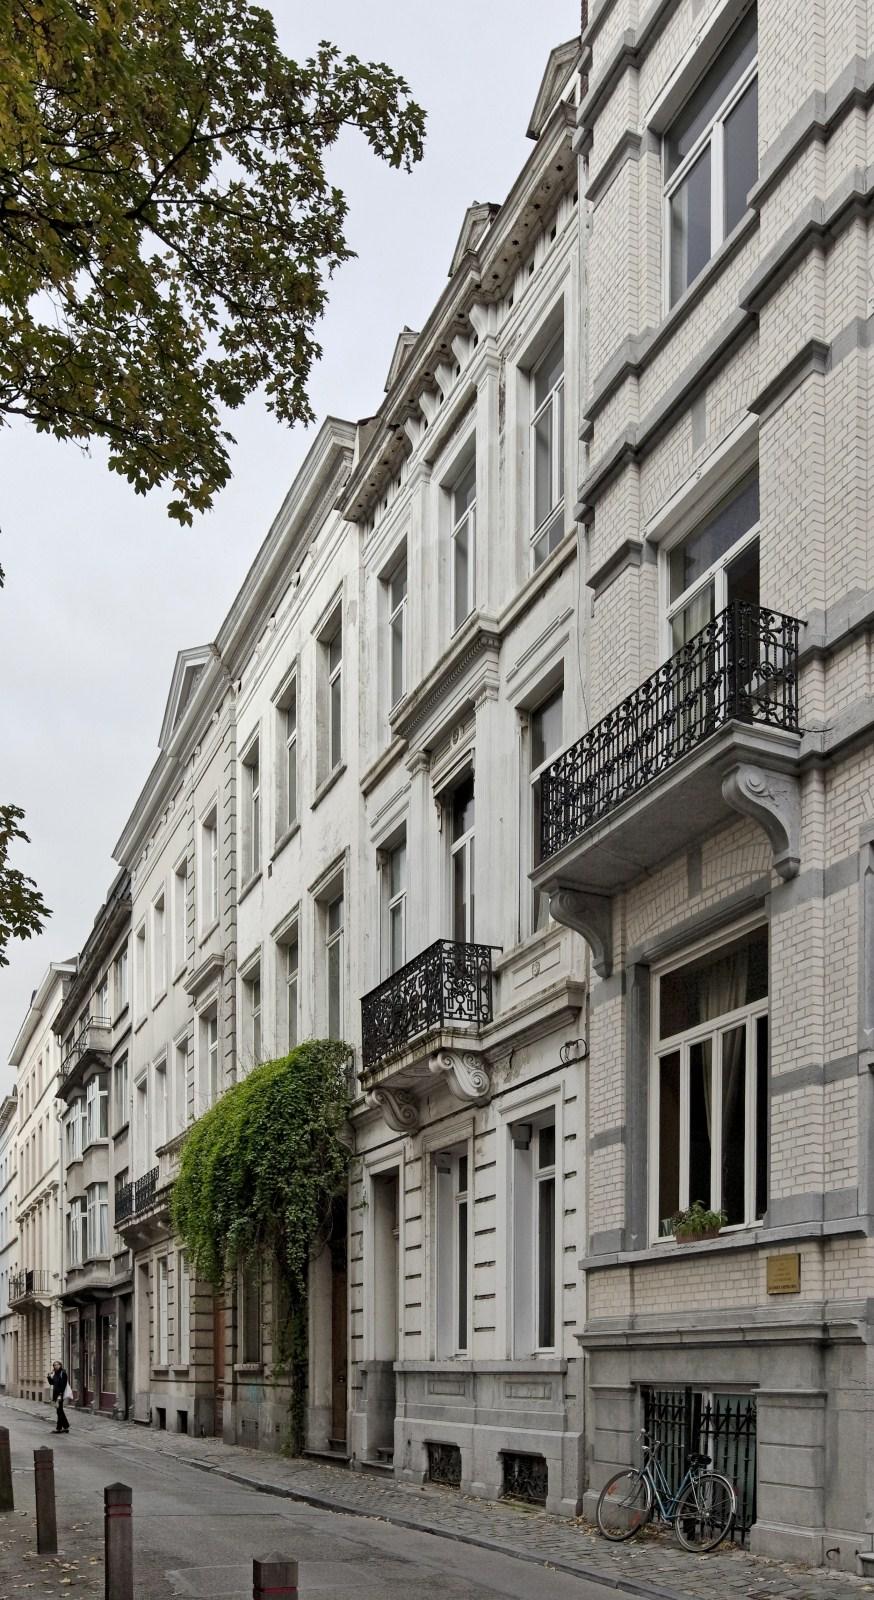 Rue Keyenveld 46.© 2009 © bepictures / BRUNETTA V. – EBERLIN M.